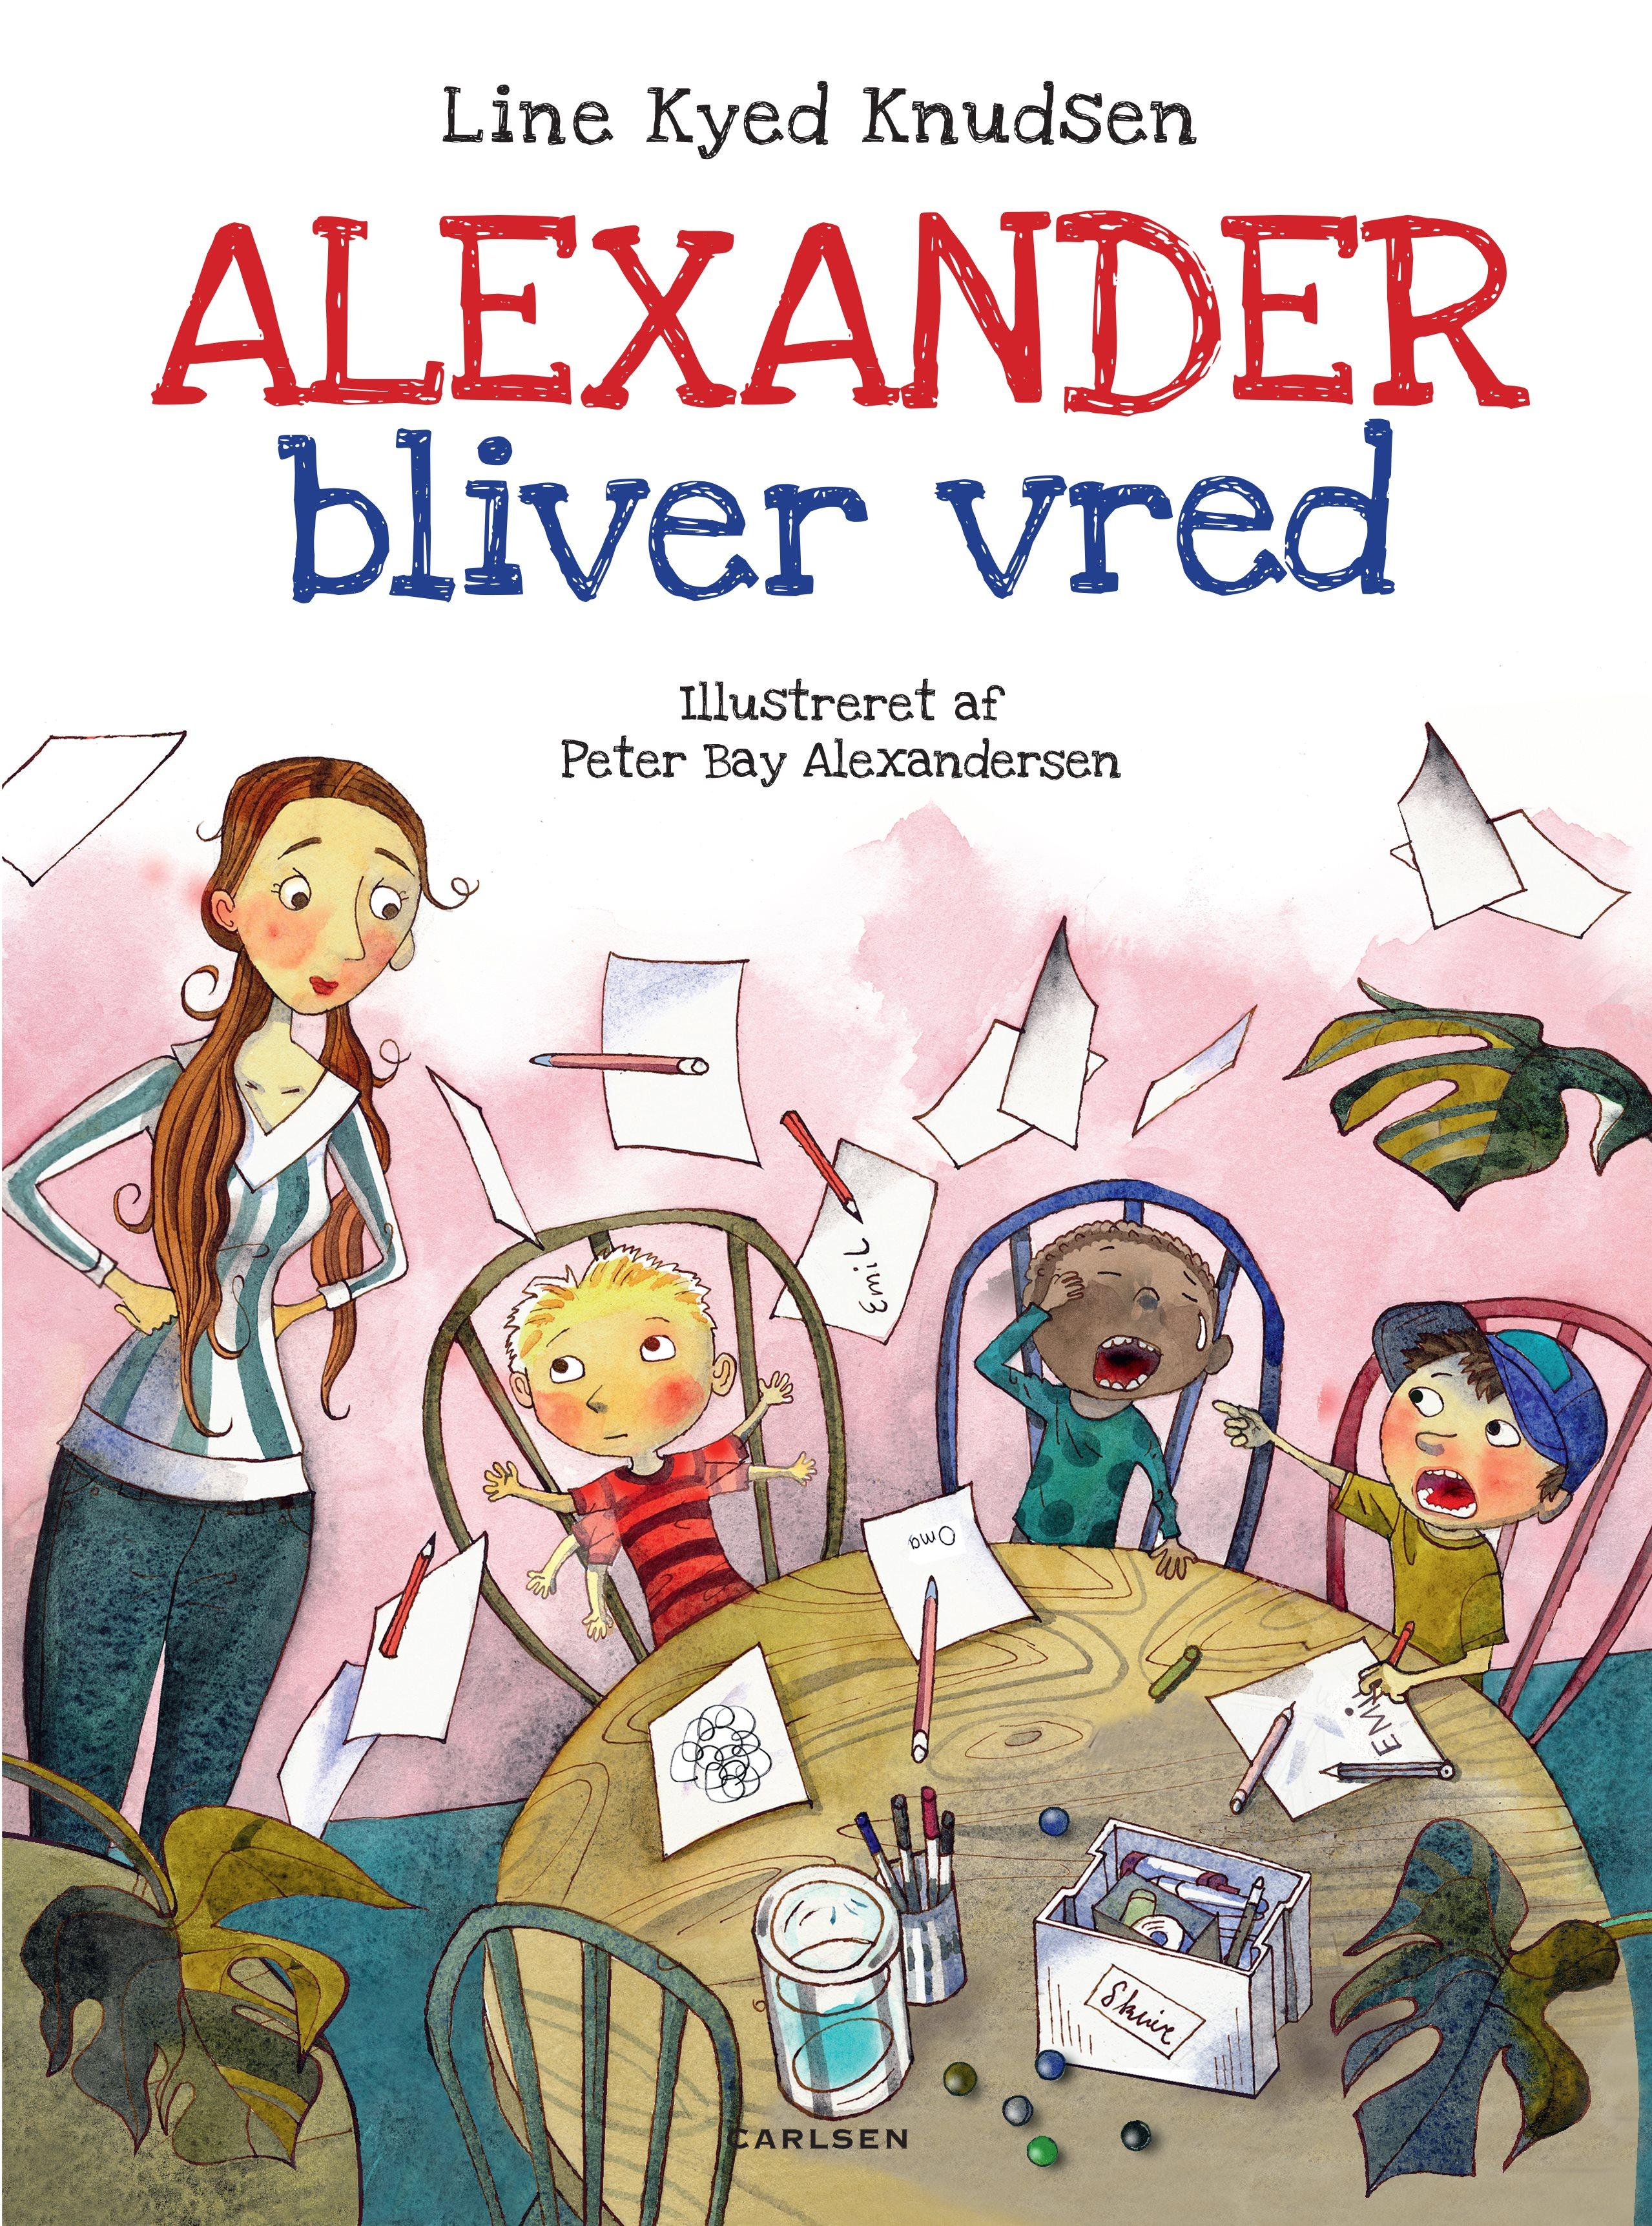 Alexander bliver vred, line dyed knudsen, dialogisk læsning, børnebøger, højtlæsning